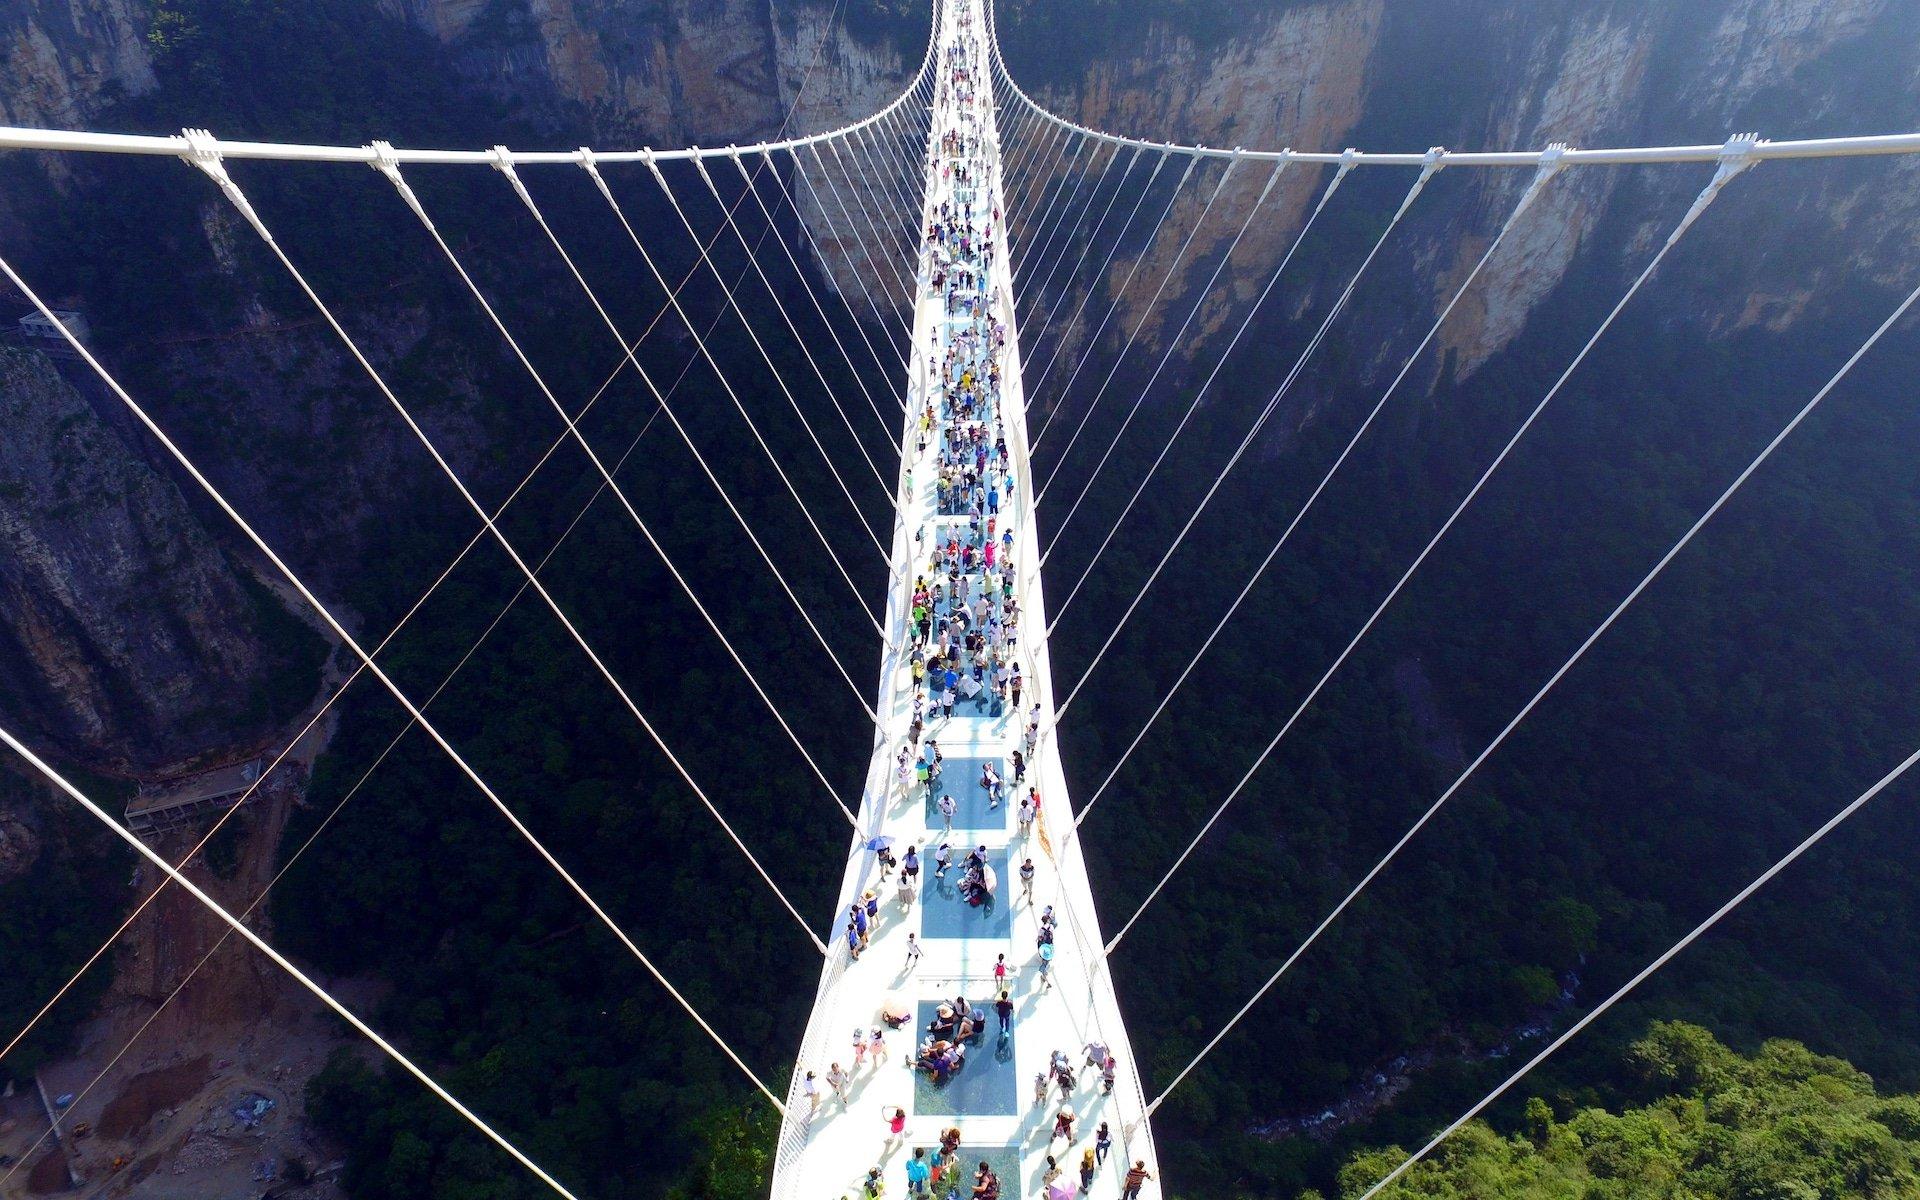 Este es el nuevo puente de vidrio más largo del mundo. ¿Dónde? En China